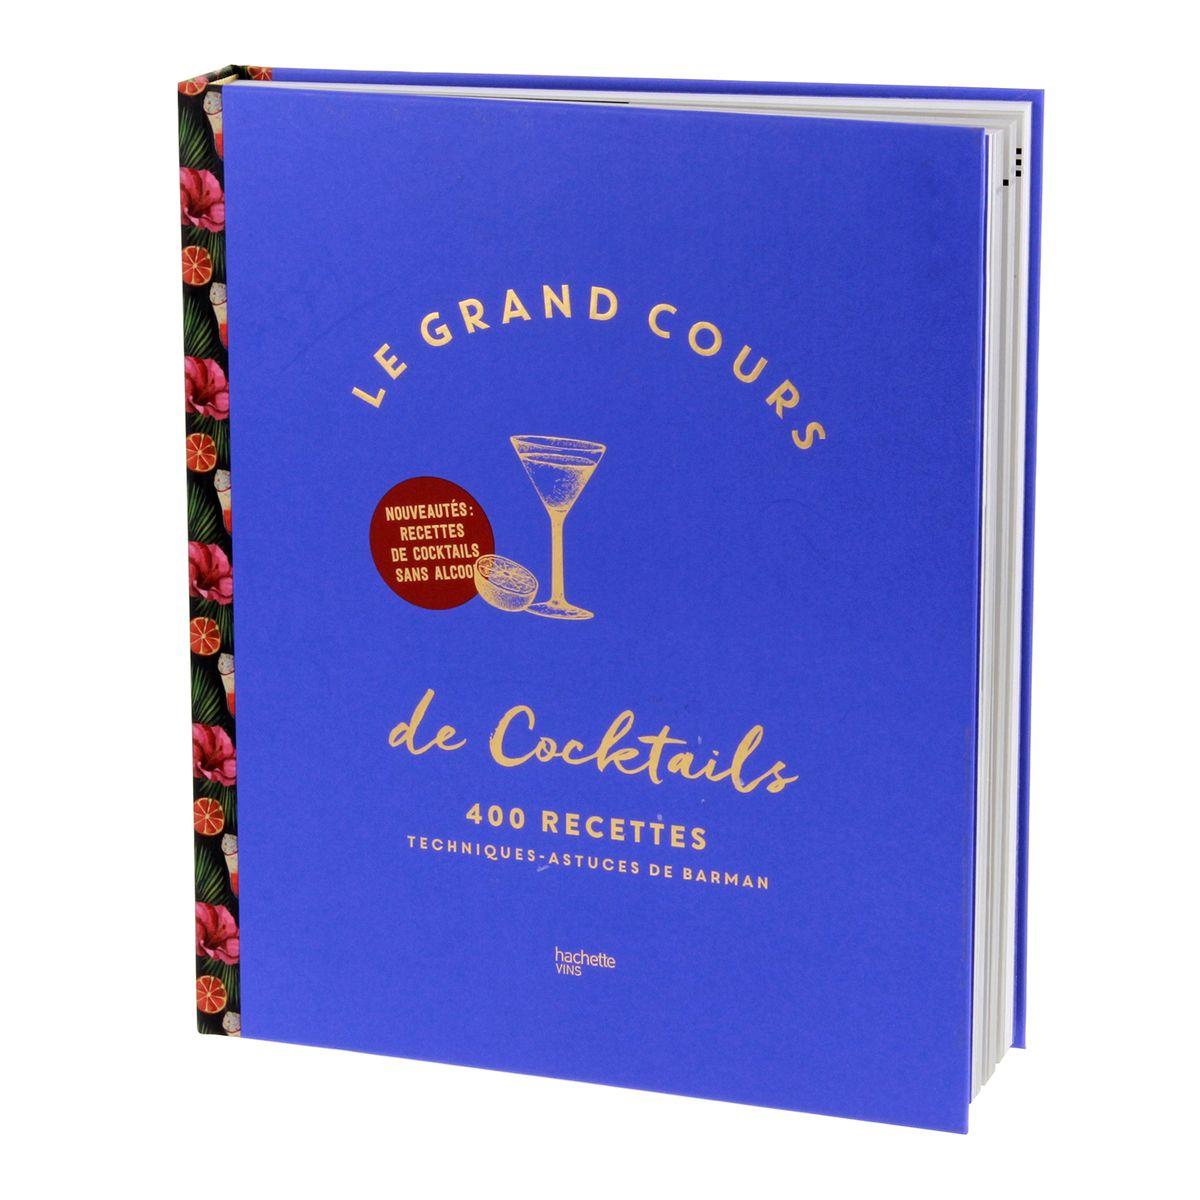 Grand cours de cocktails - Hachette Pratique